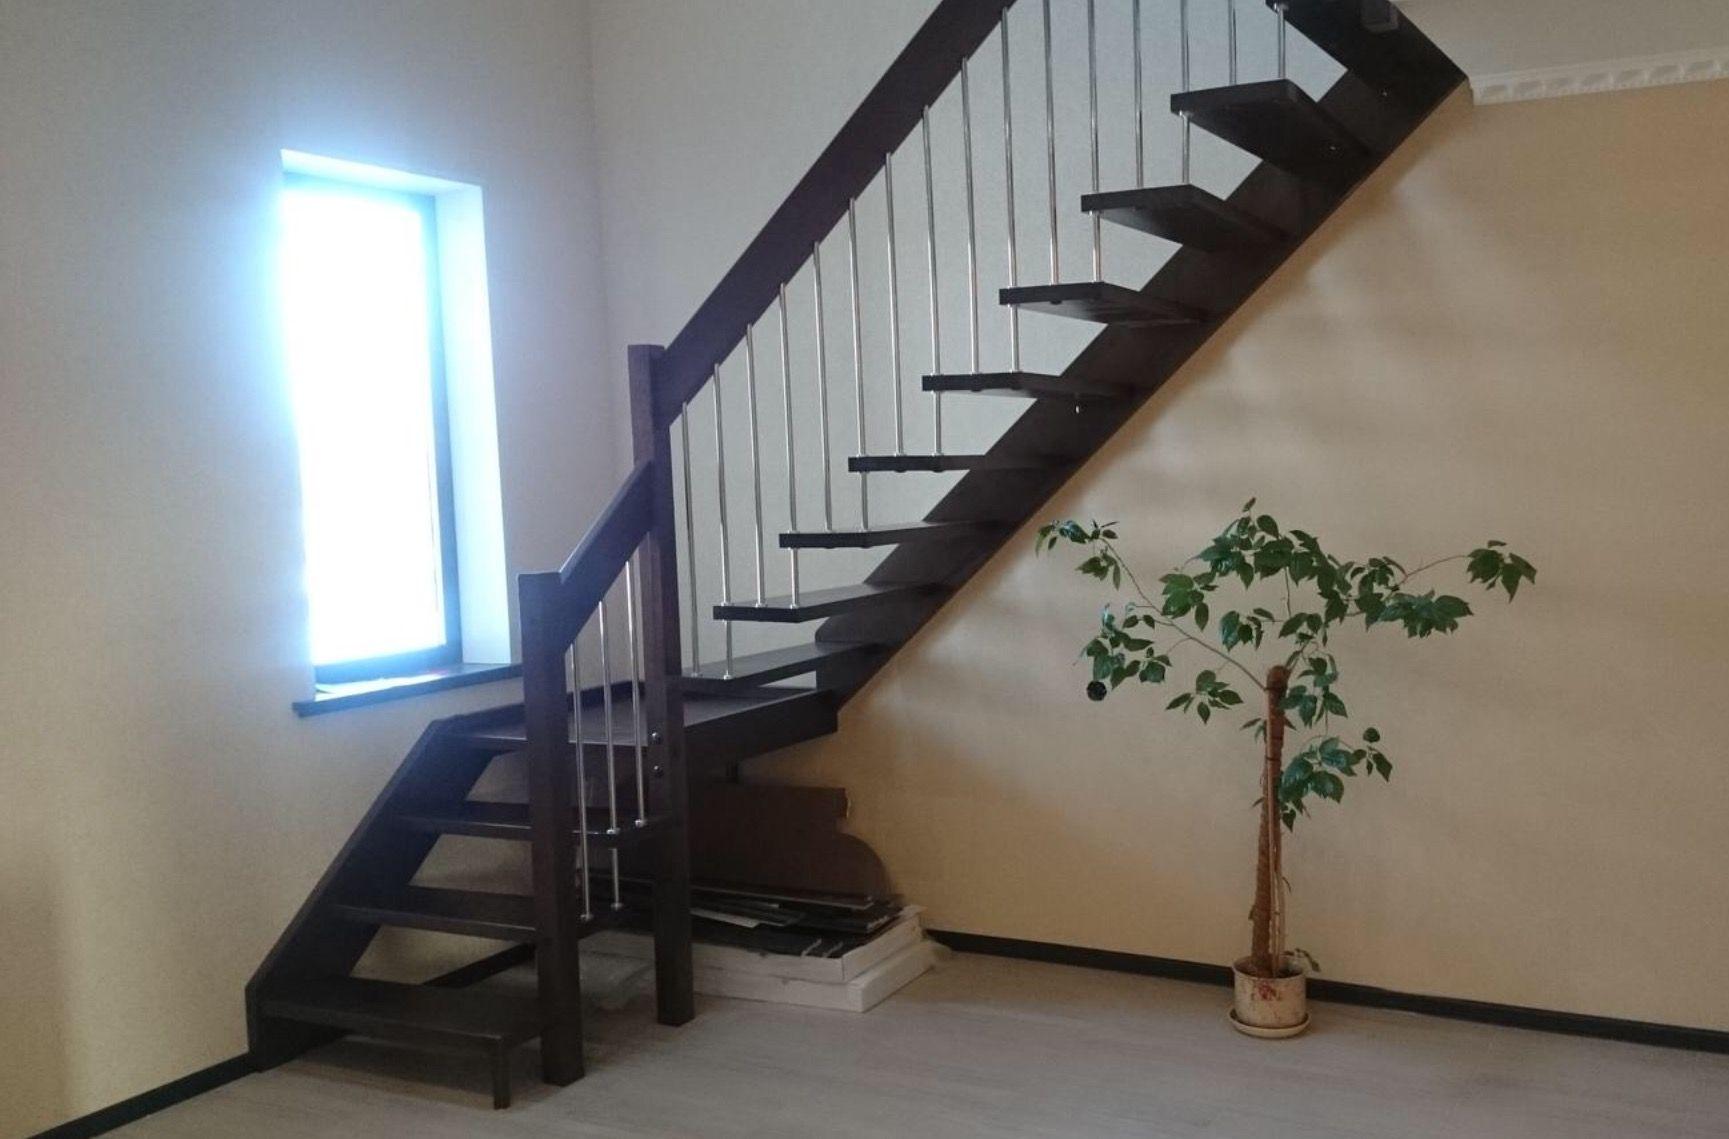 Деревянные плоские балясины: фото, цена, предназначение